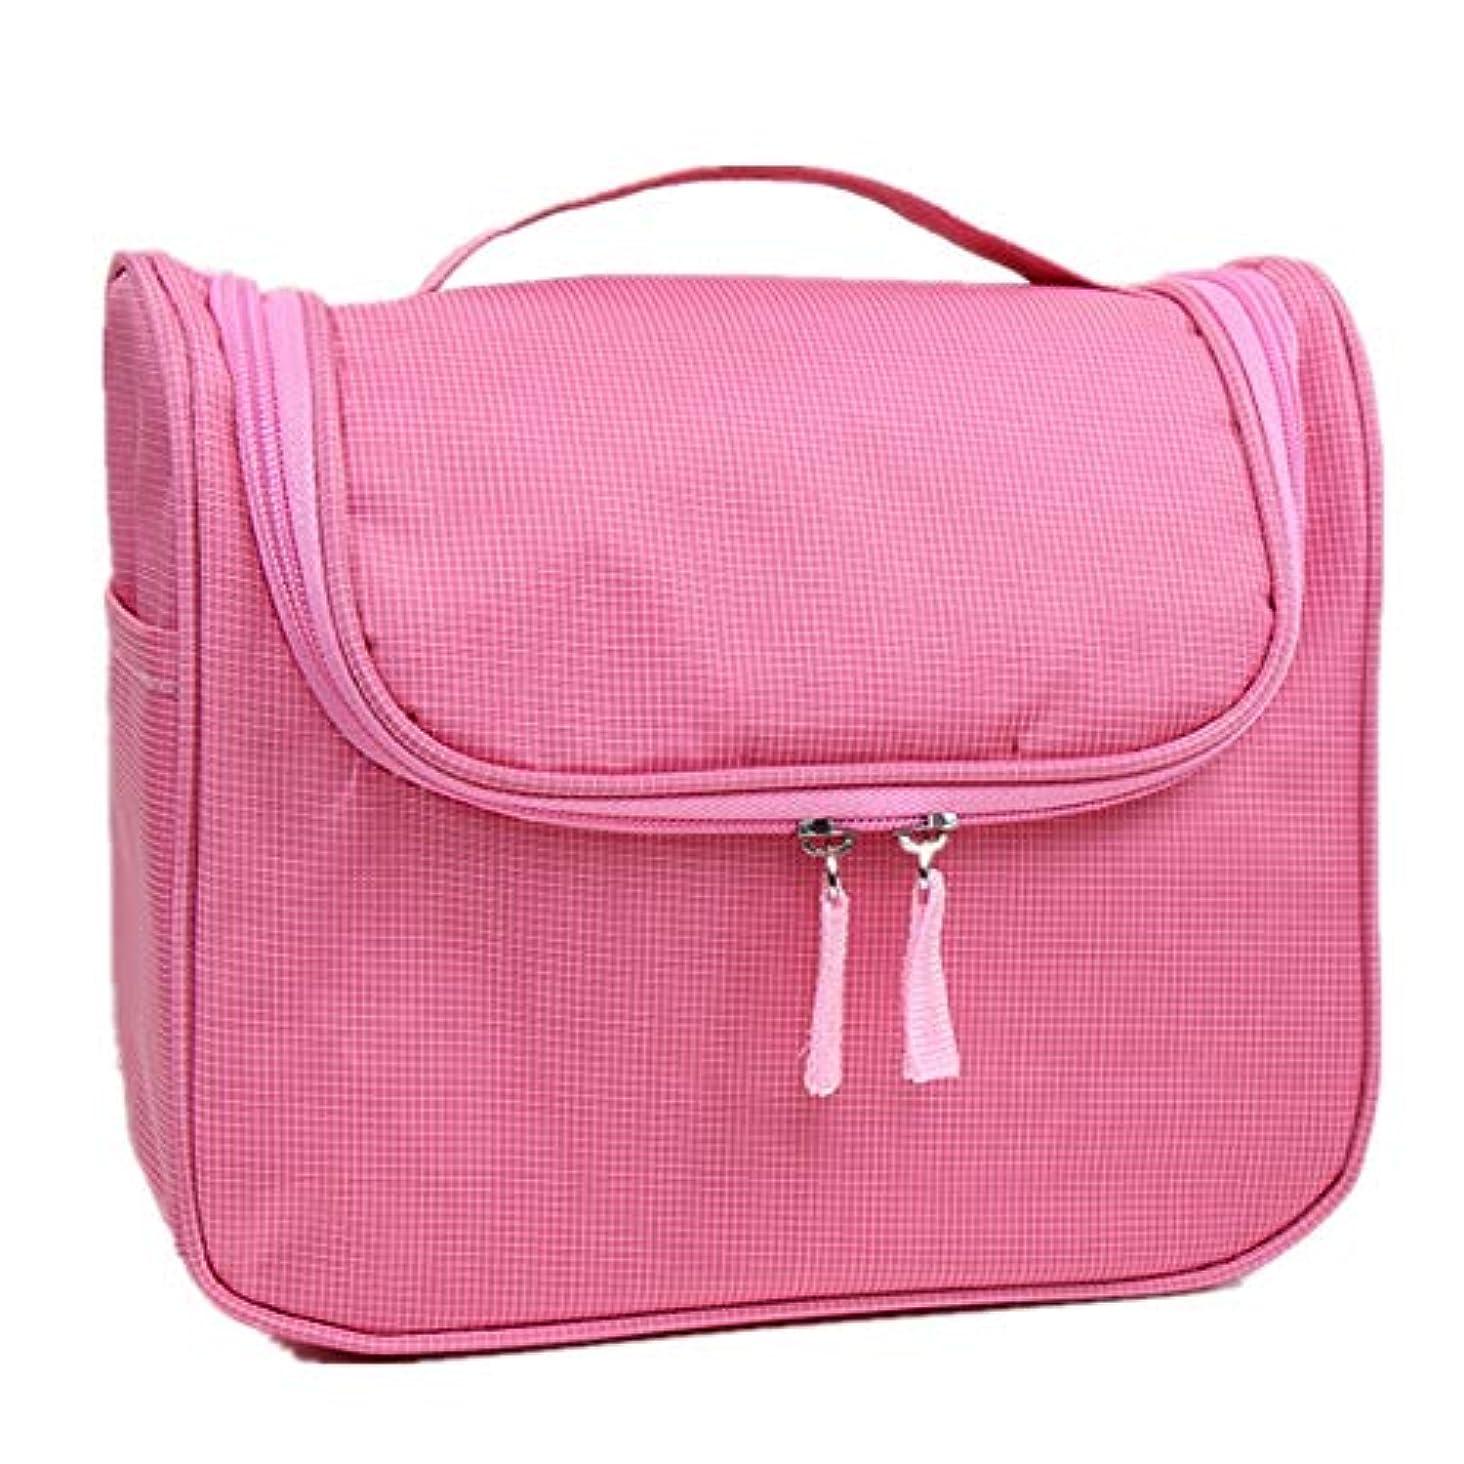 素人求める変色する化粧オーガナイザーバッグ 大容量の旅行化粧品バッグ丈夫で耐久性のある洗濯可能な化粧品保管コンセントレーションバッグウォッシュバッグ 化粧品ケース (色 : ピンク)